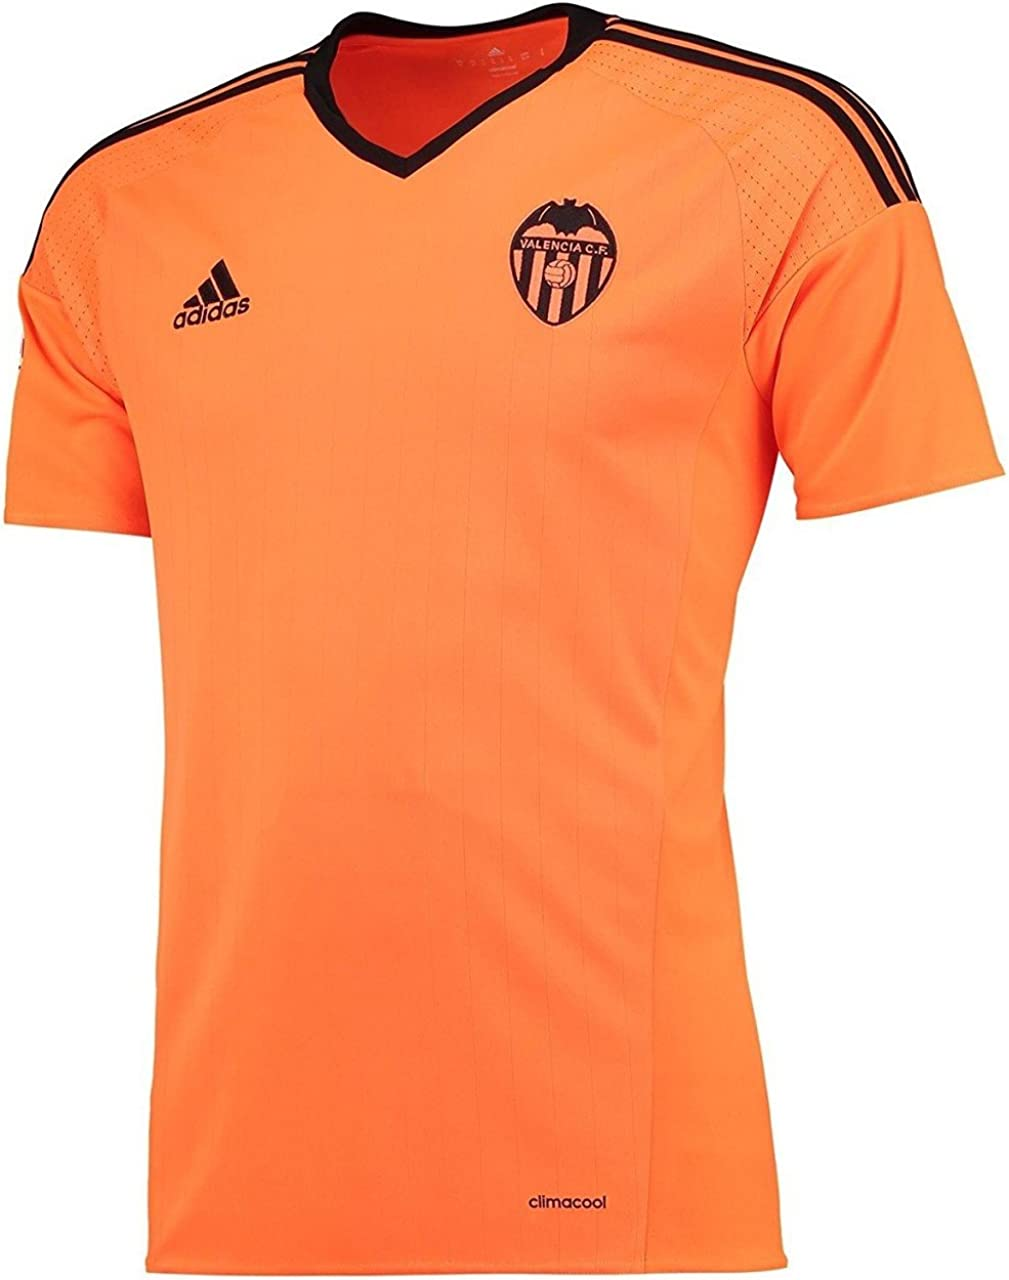 adidas 3ª Equipación Valencia CF Camiseta Hombre: Amazon.es: Ropa y accesorios